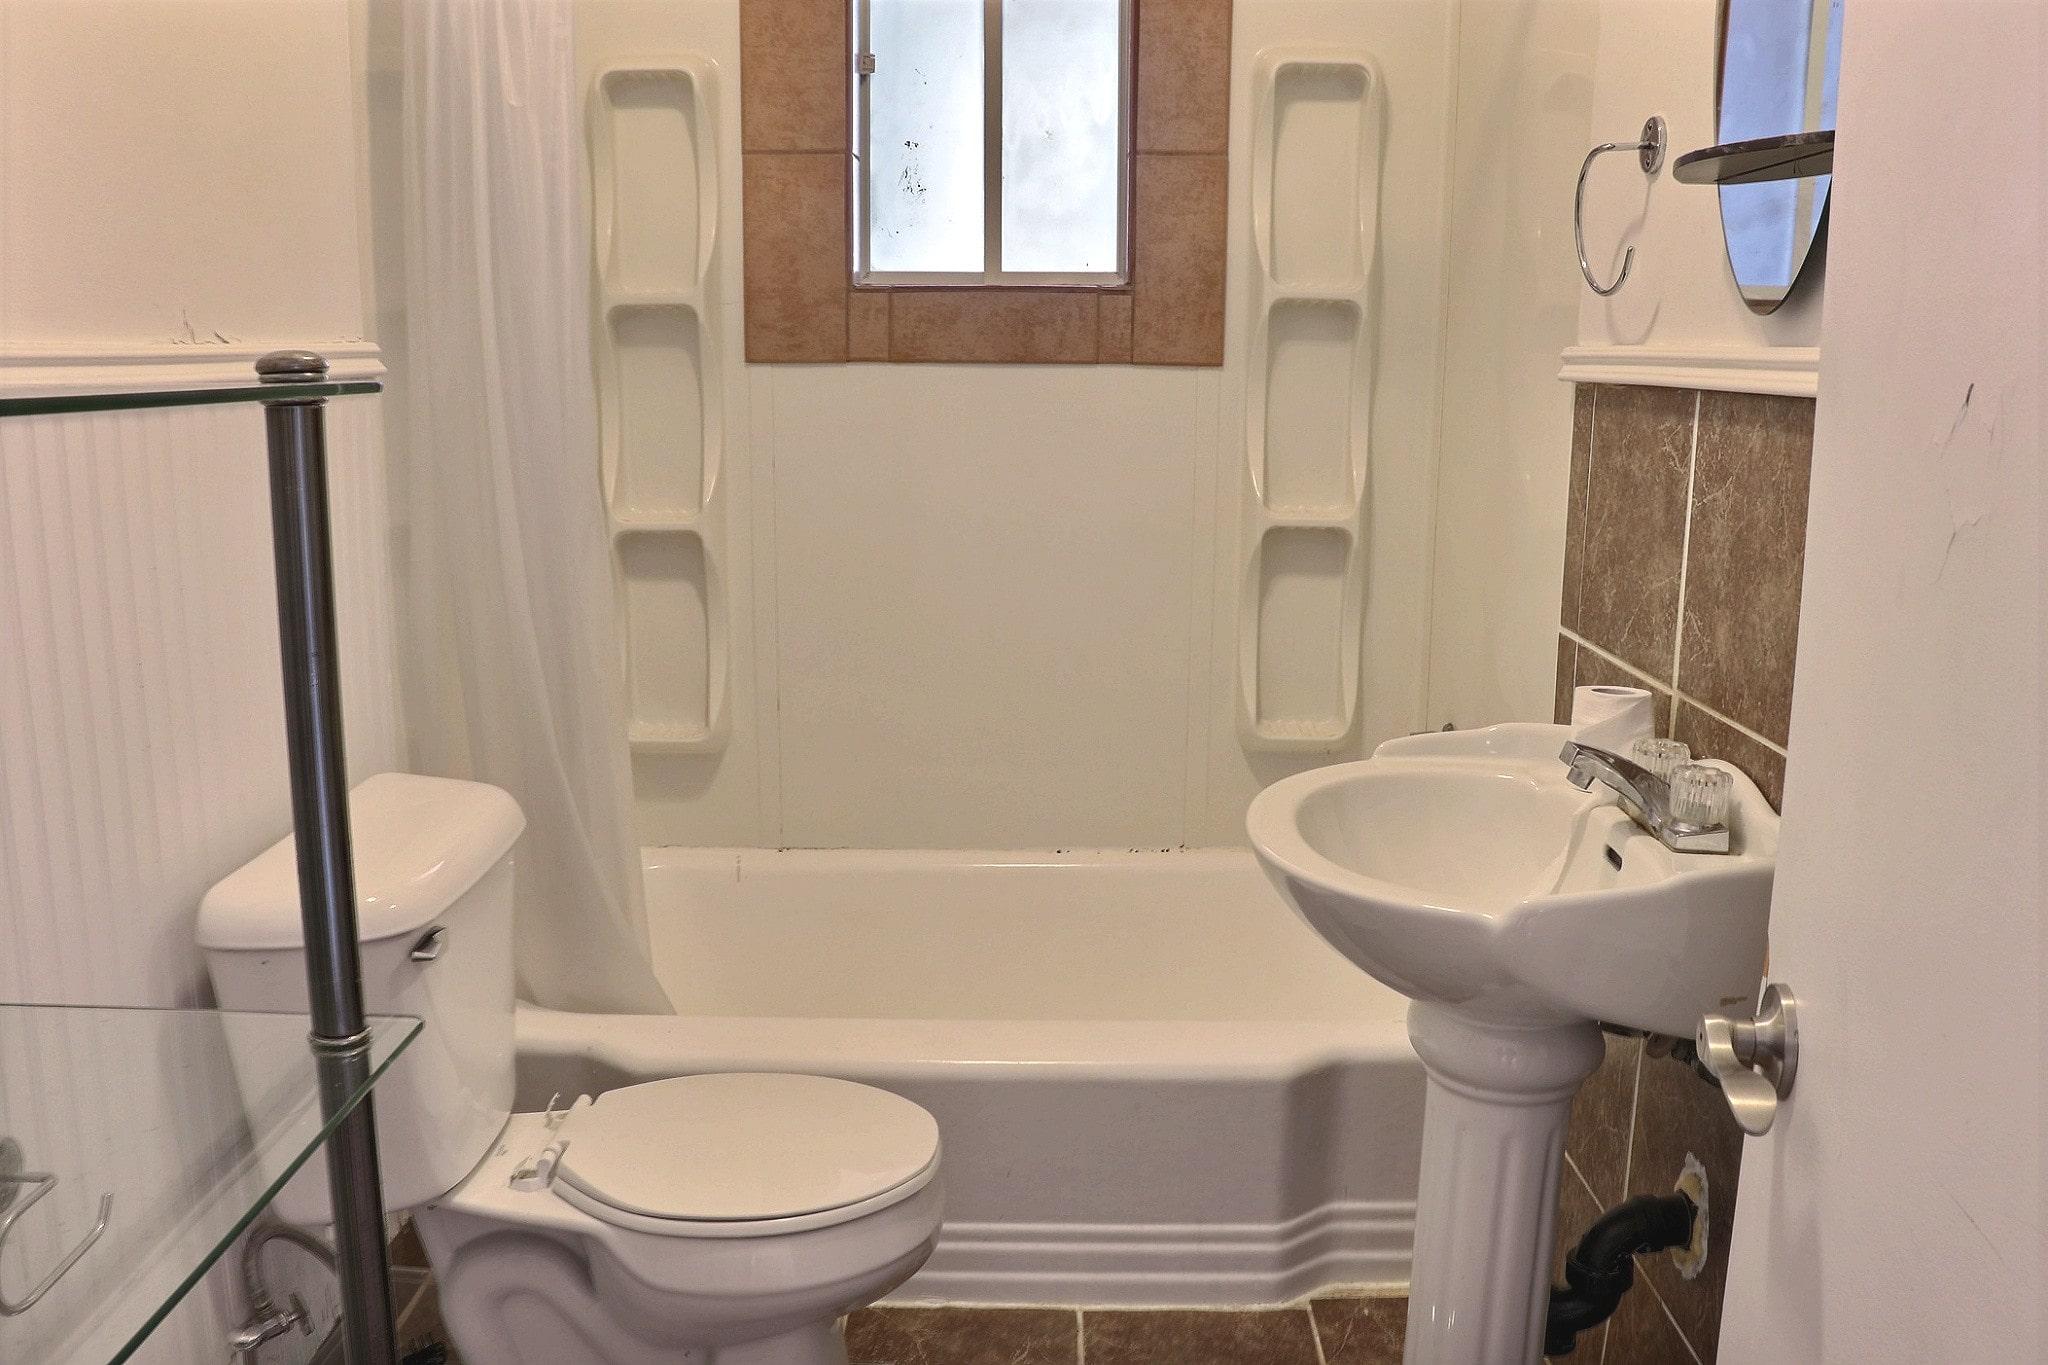 Photo 13 : 4 ½ à Limoilou, libre pour Juillet, Semi-meublé + eau chaude & Stationnement inclus